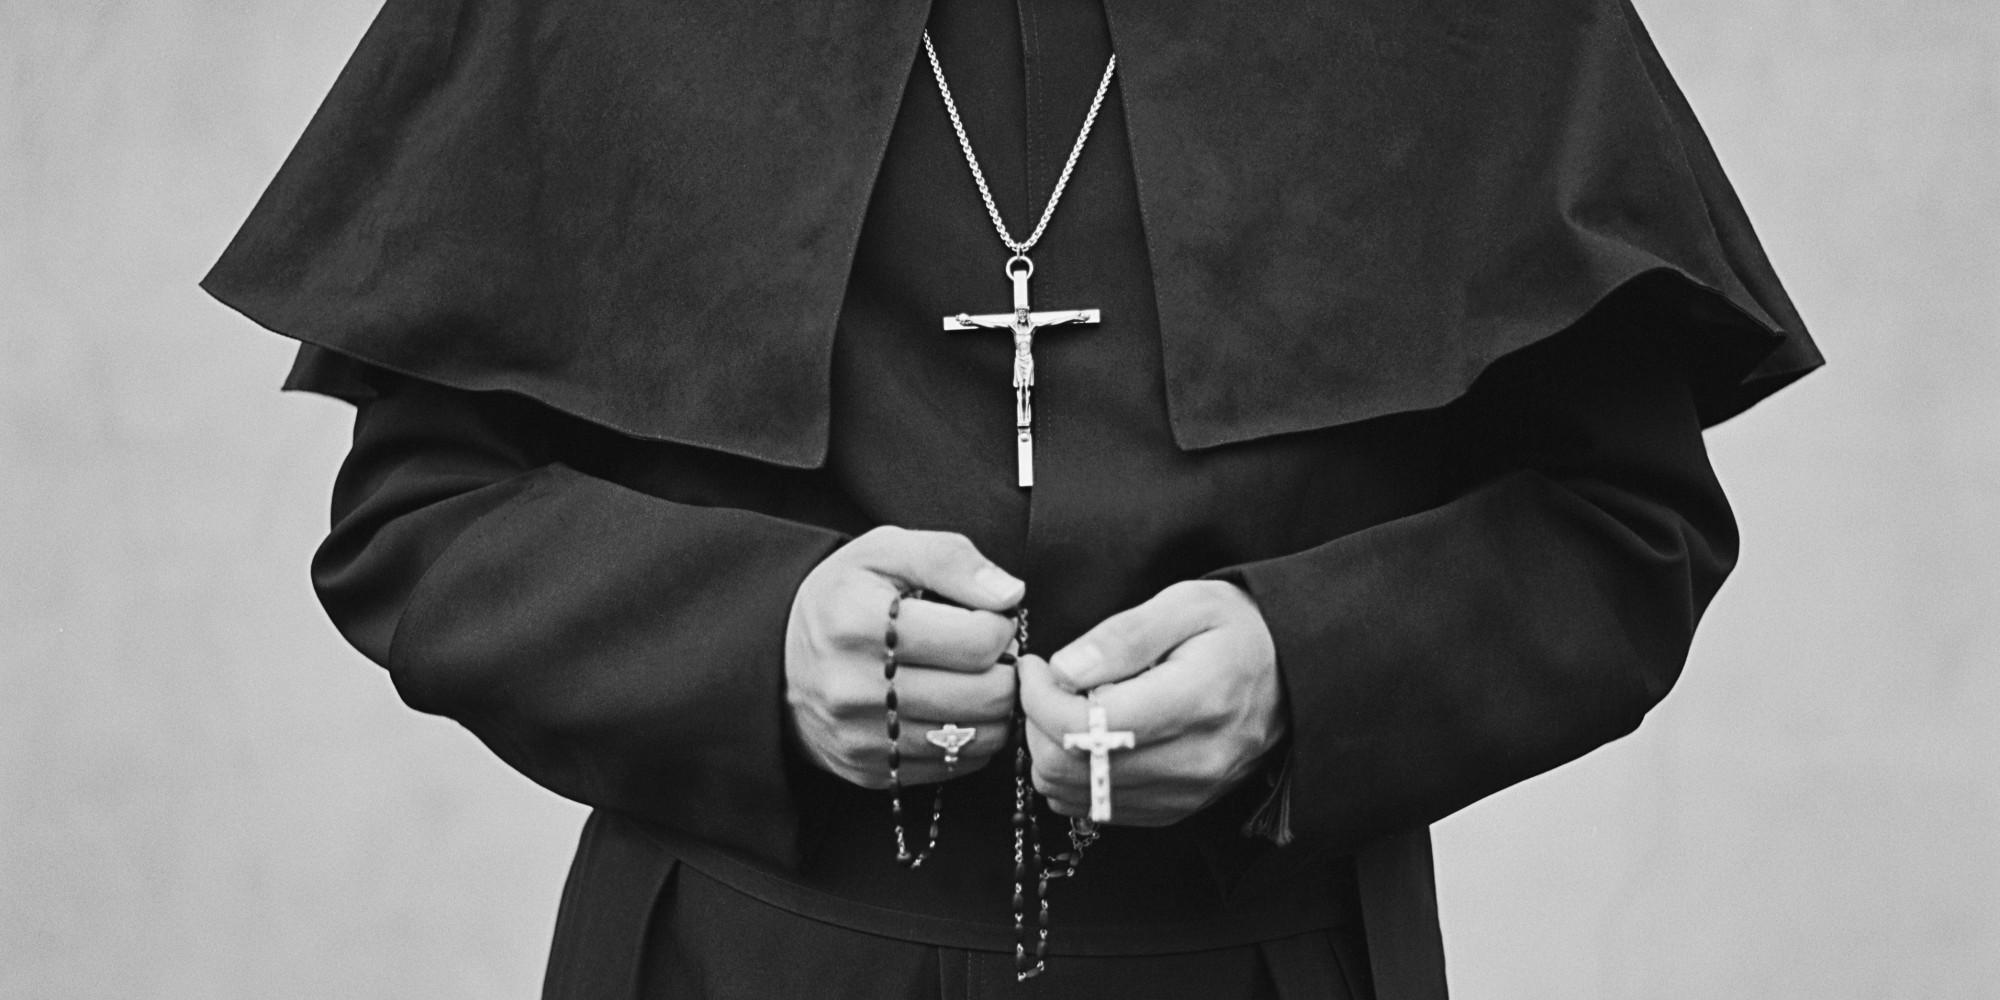 Un prêtre mis en examen pour vol d'objets liturgiques à Arles